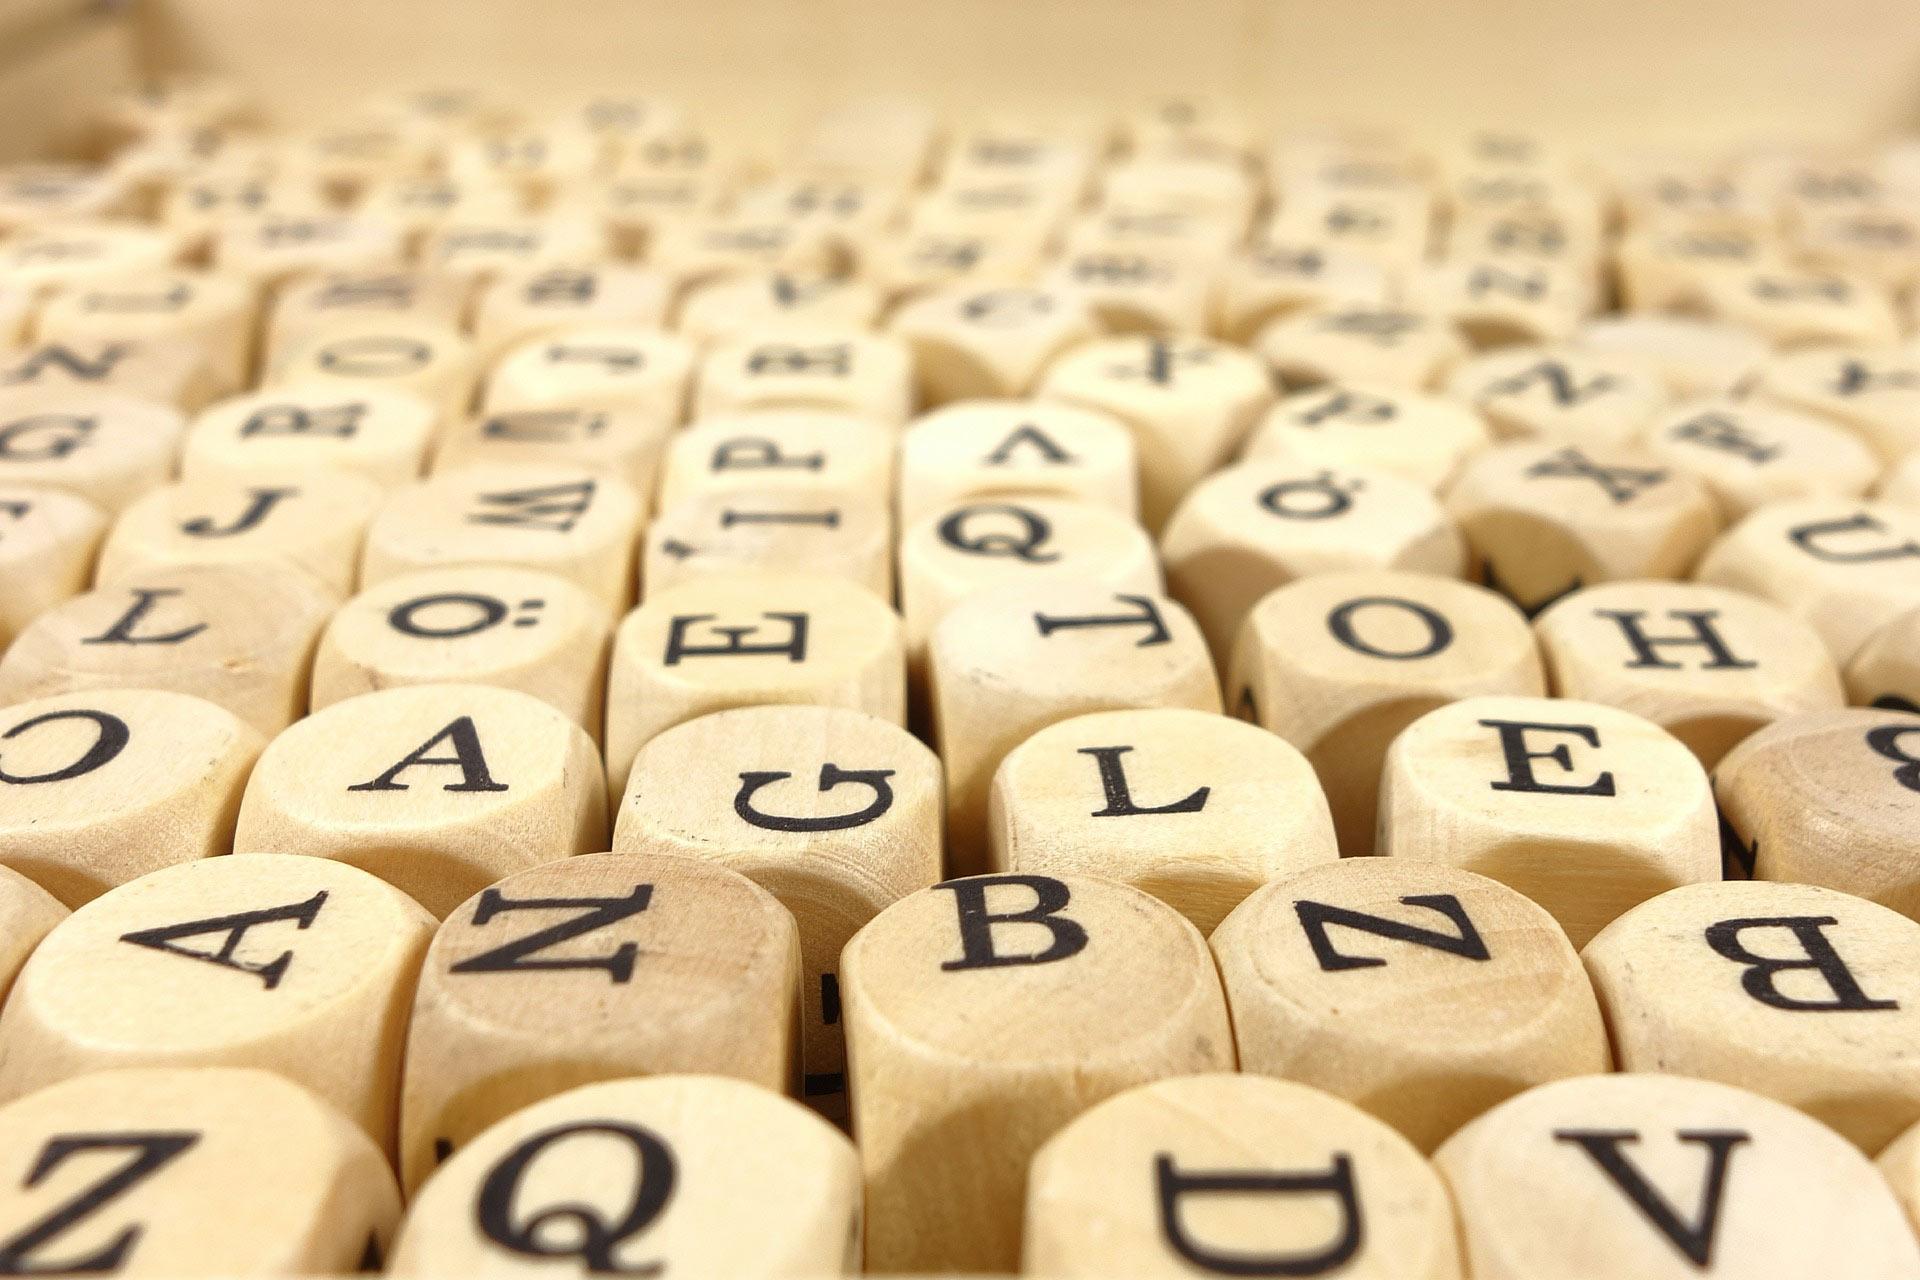 Gruppenführung in einfacher Sprache